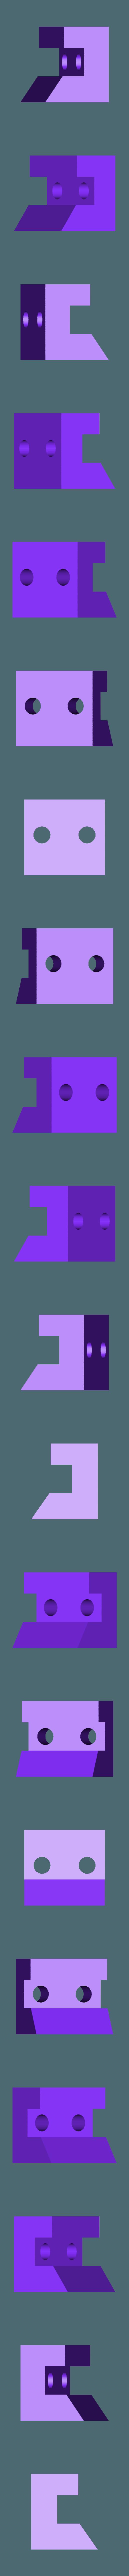 clamp.stl Télécharger fichier STL gratuit Sieg c1 repos stable • Modèle pour impression 3D, Punisher_4u